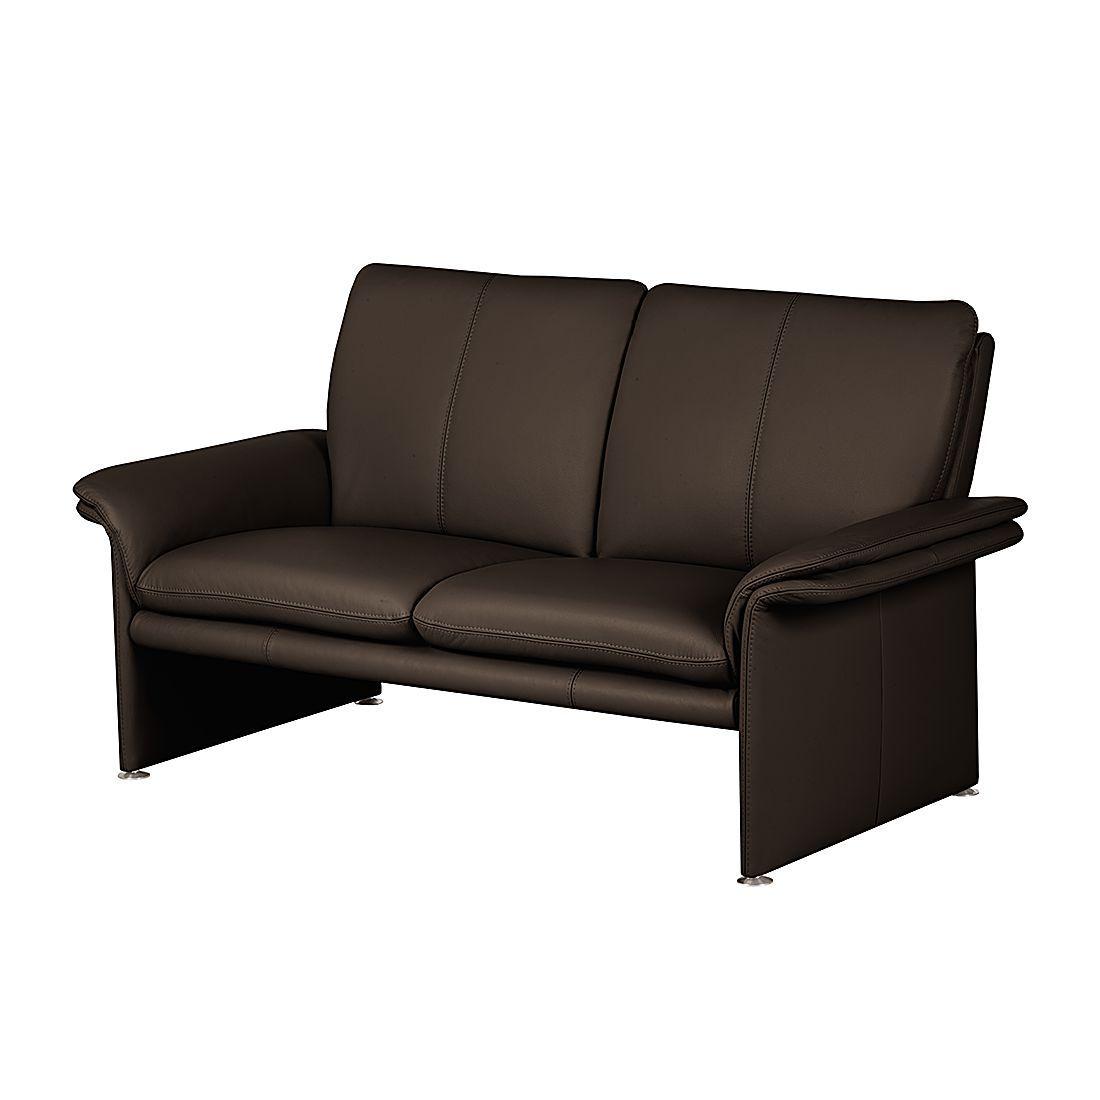 Modoform Sofa Capri 2 Sitzer Dunkelbraun Echtleder 164x90x88 Cm In 2020 Sofas Big Sofa Kaufen Sofa